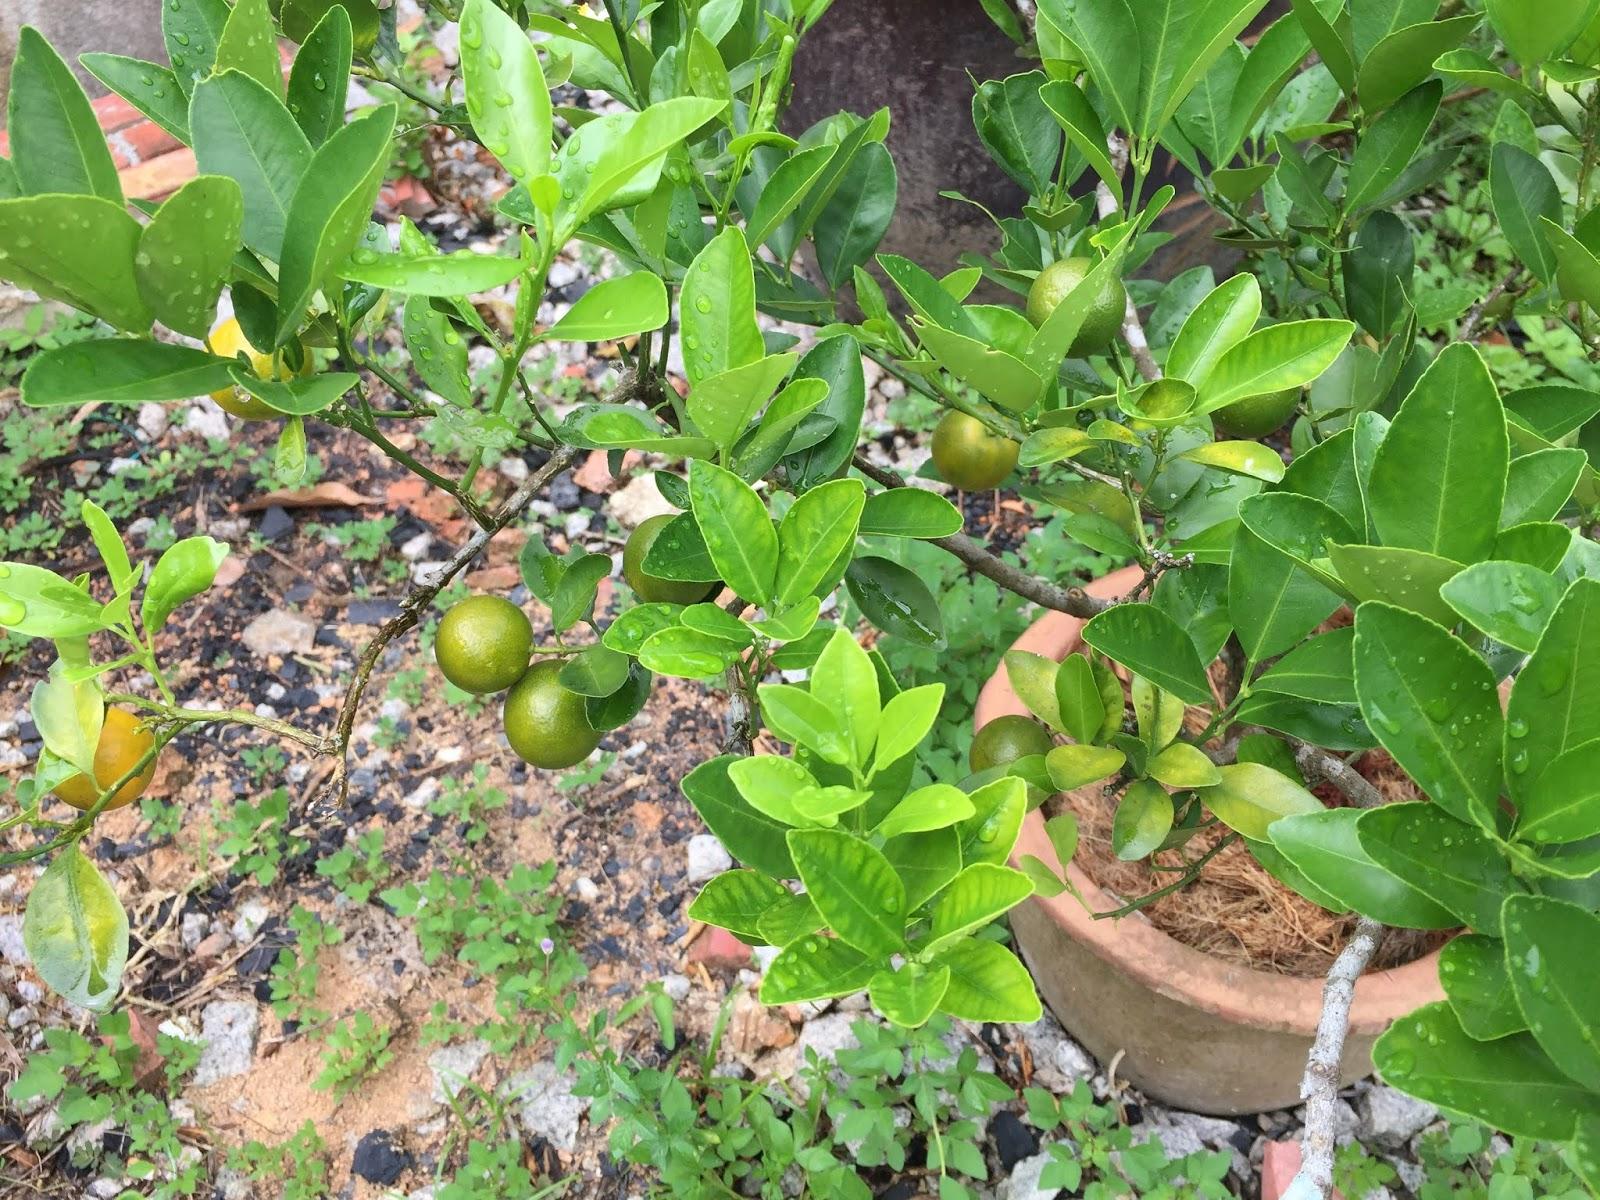 hasil bertani, tanaman mudah, berkebun